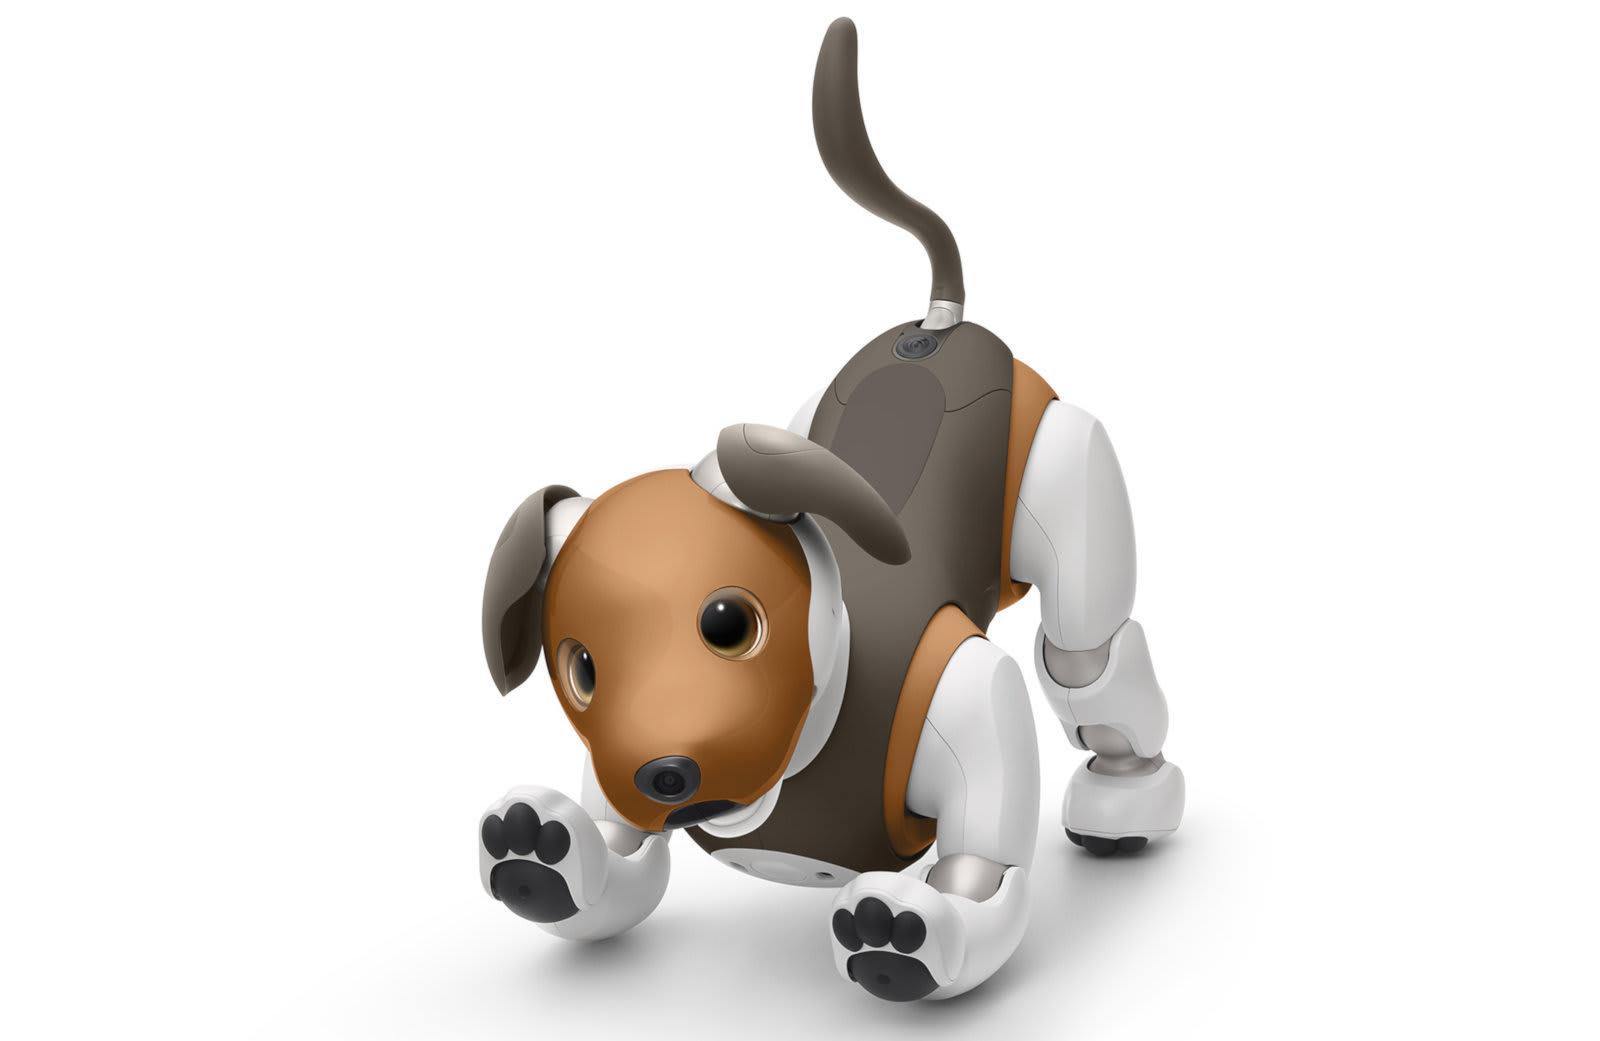 Sony 的新 Aibo 機器狗看起來好像比格犬